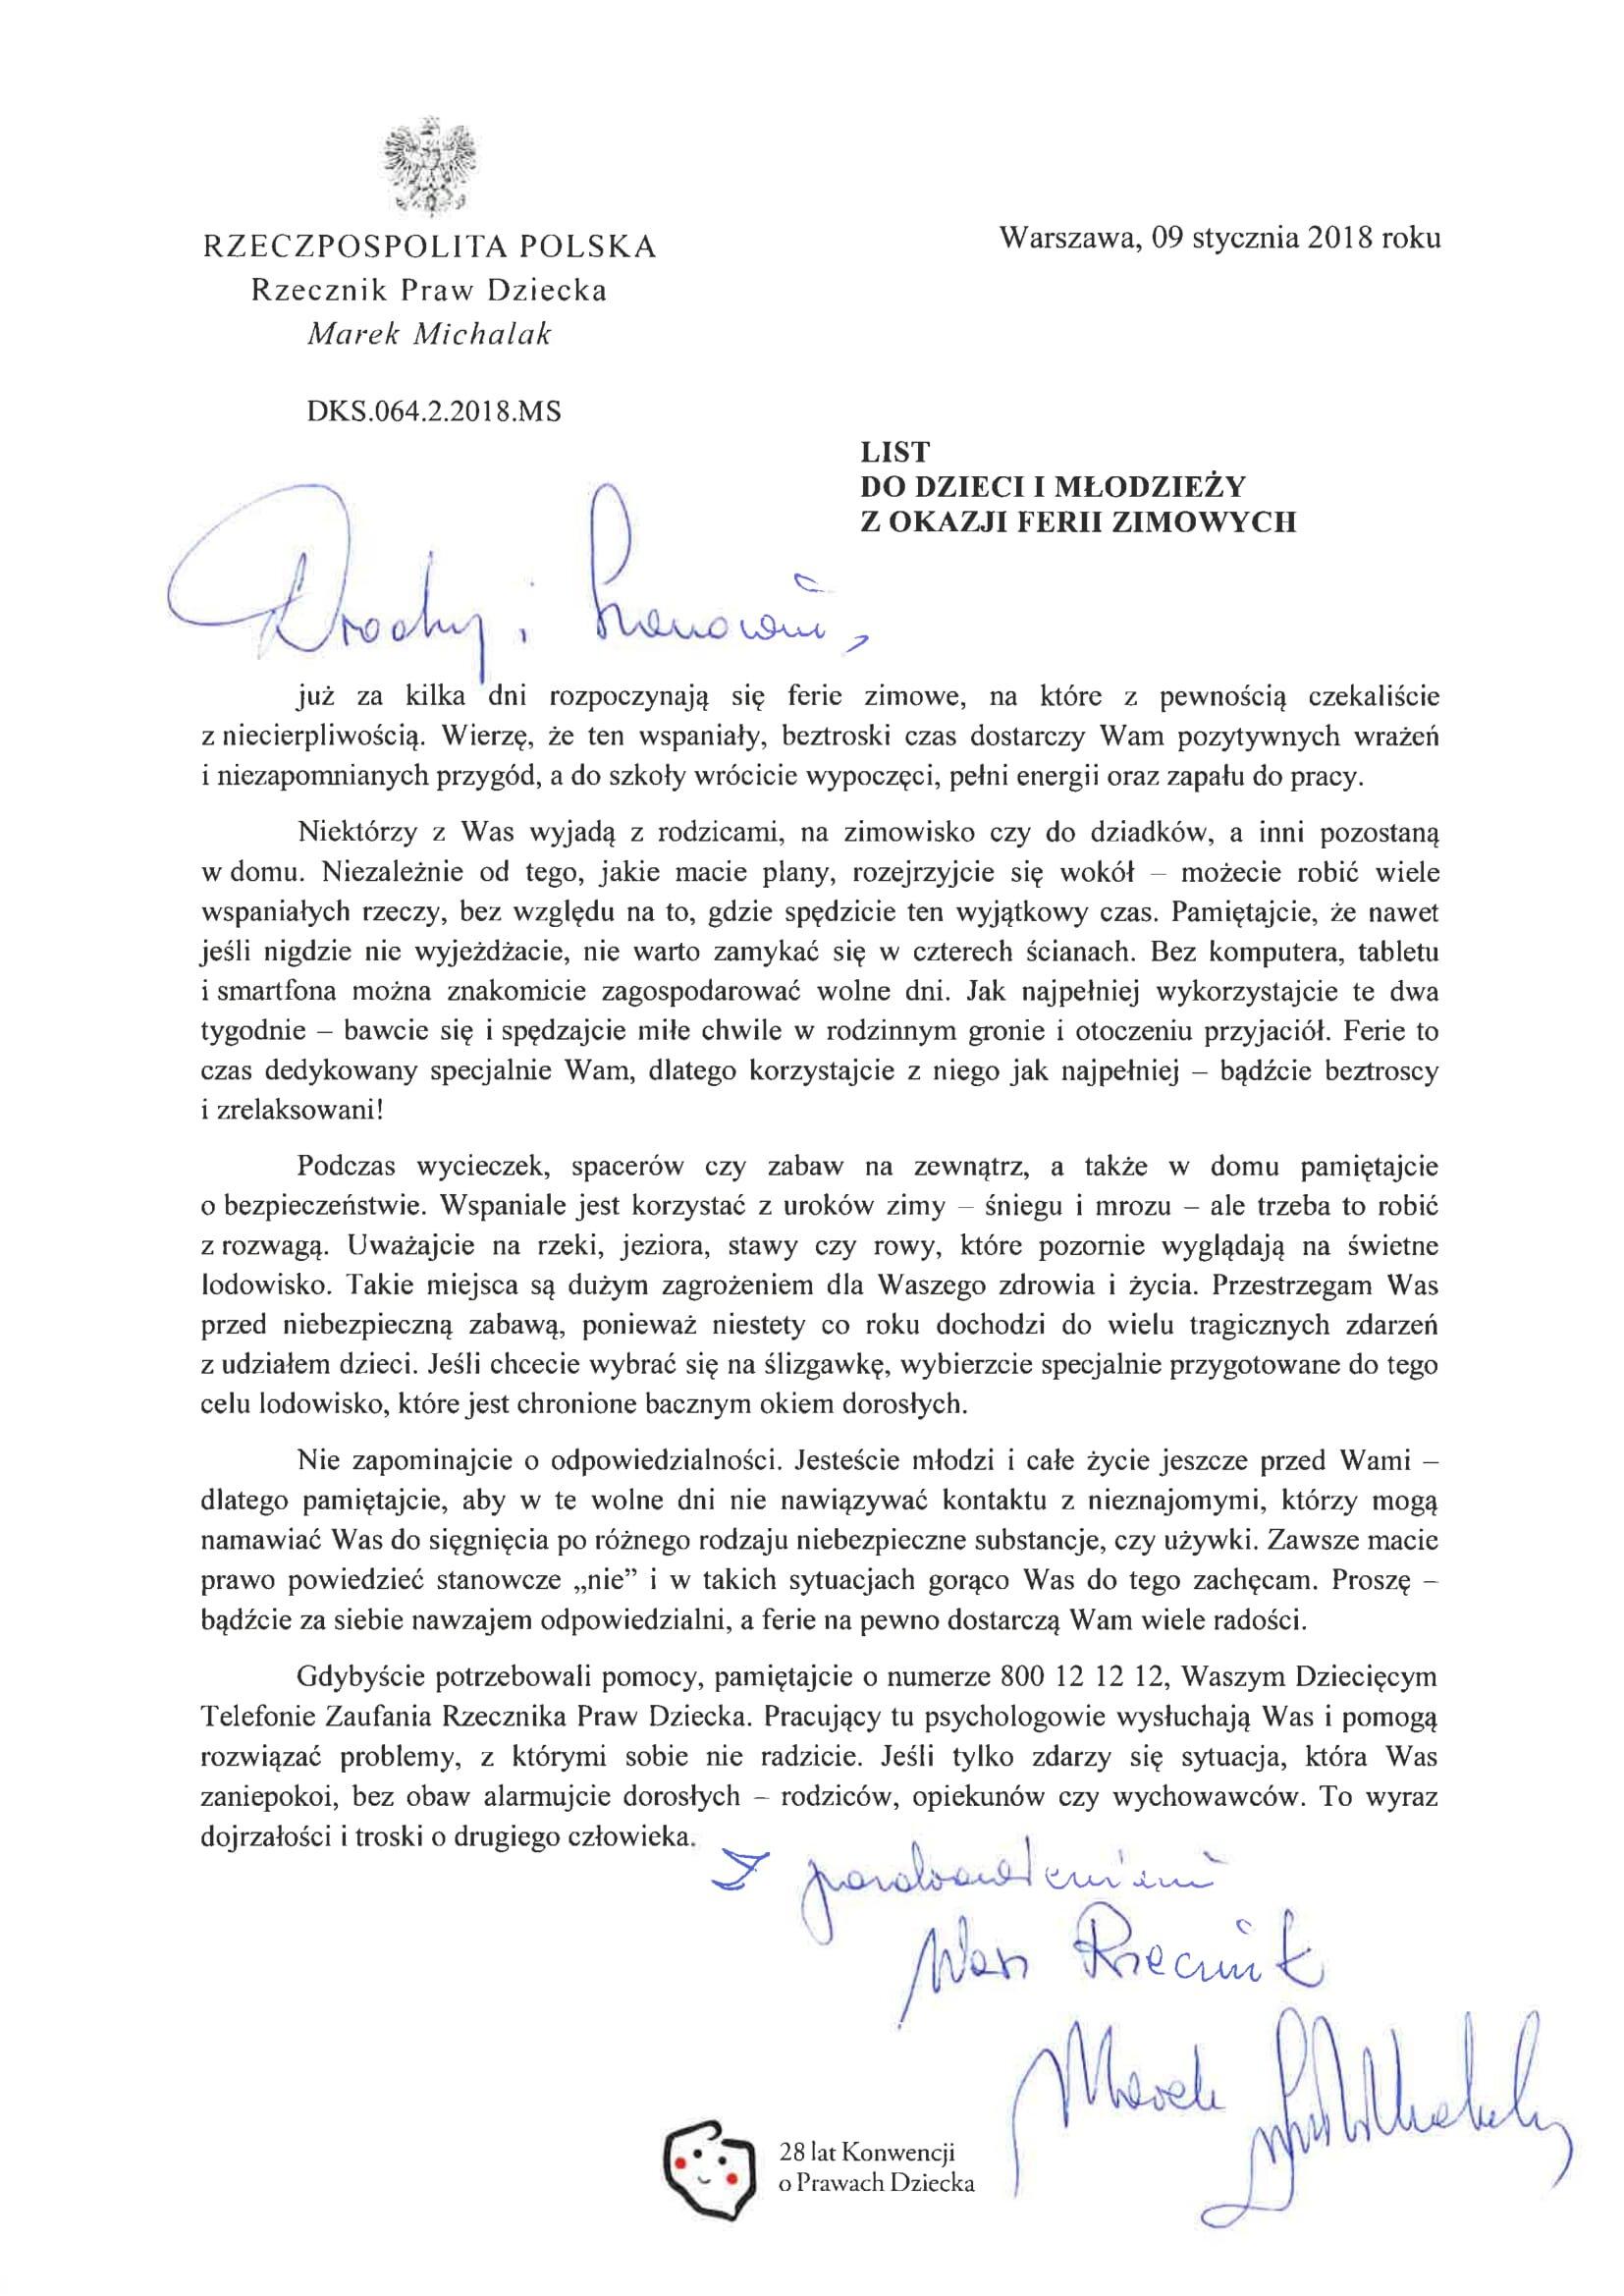 list-rpd-z-okazji-ferii-zimowych-2018-1